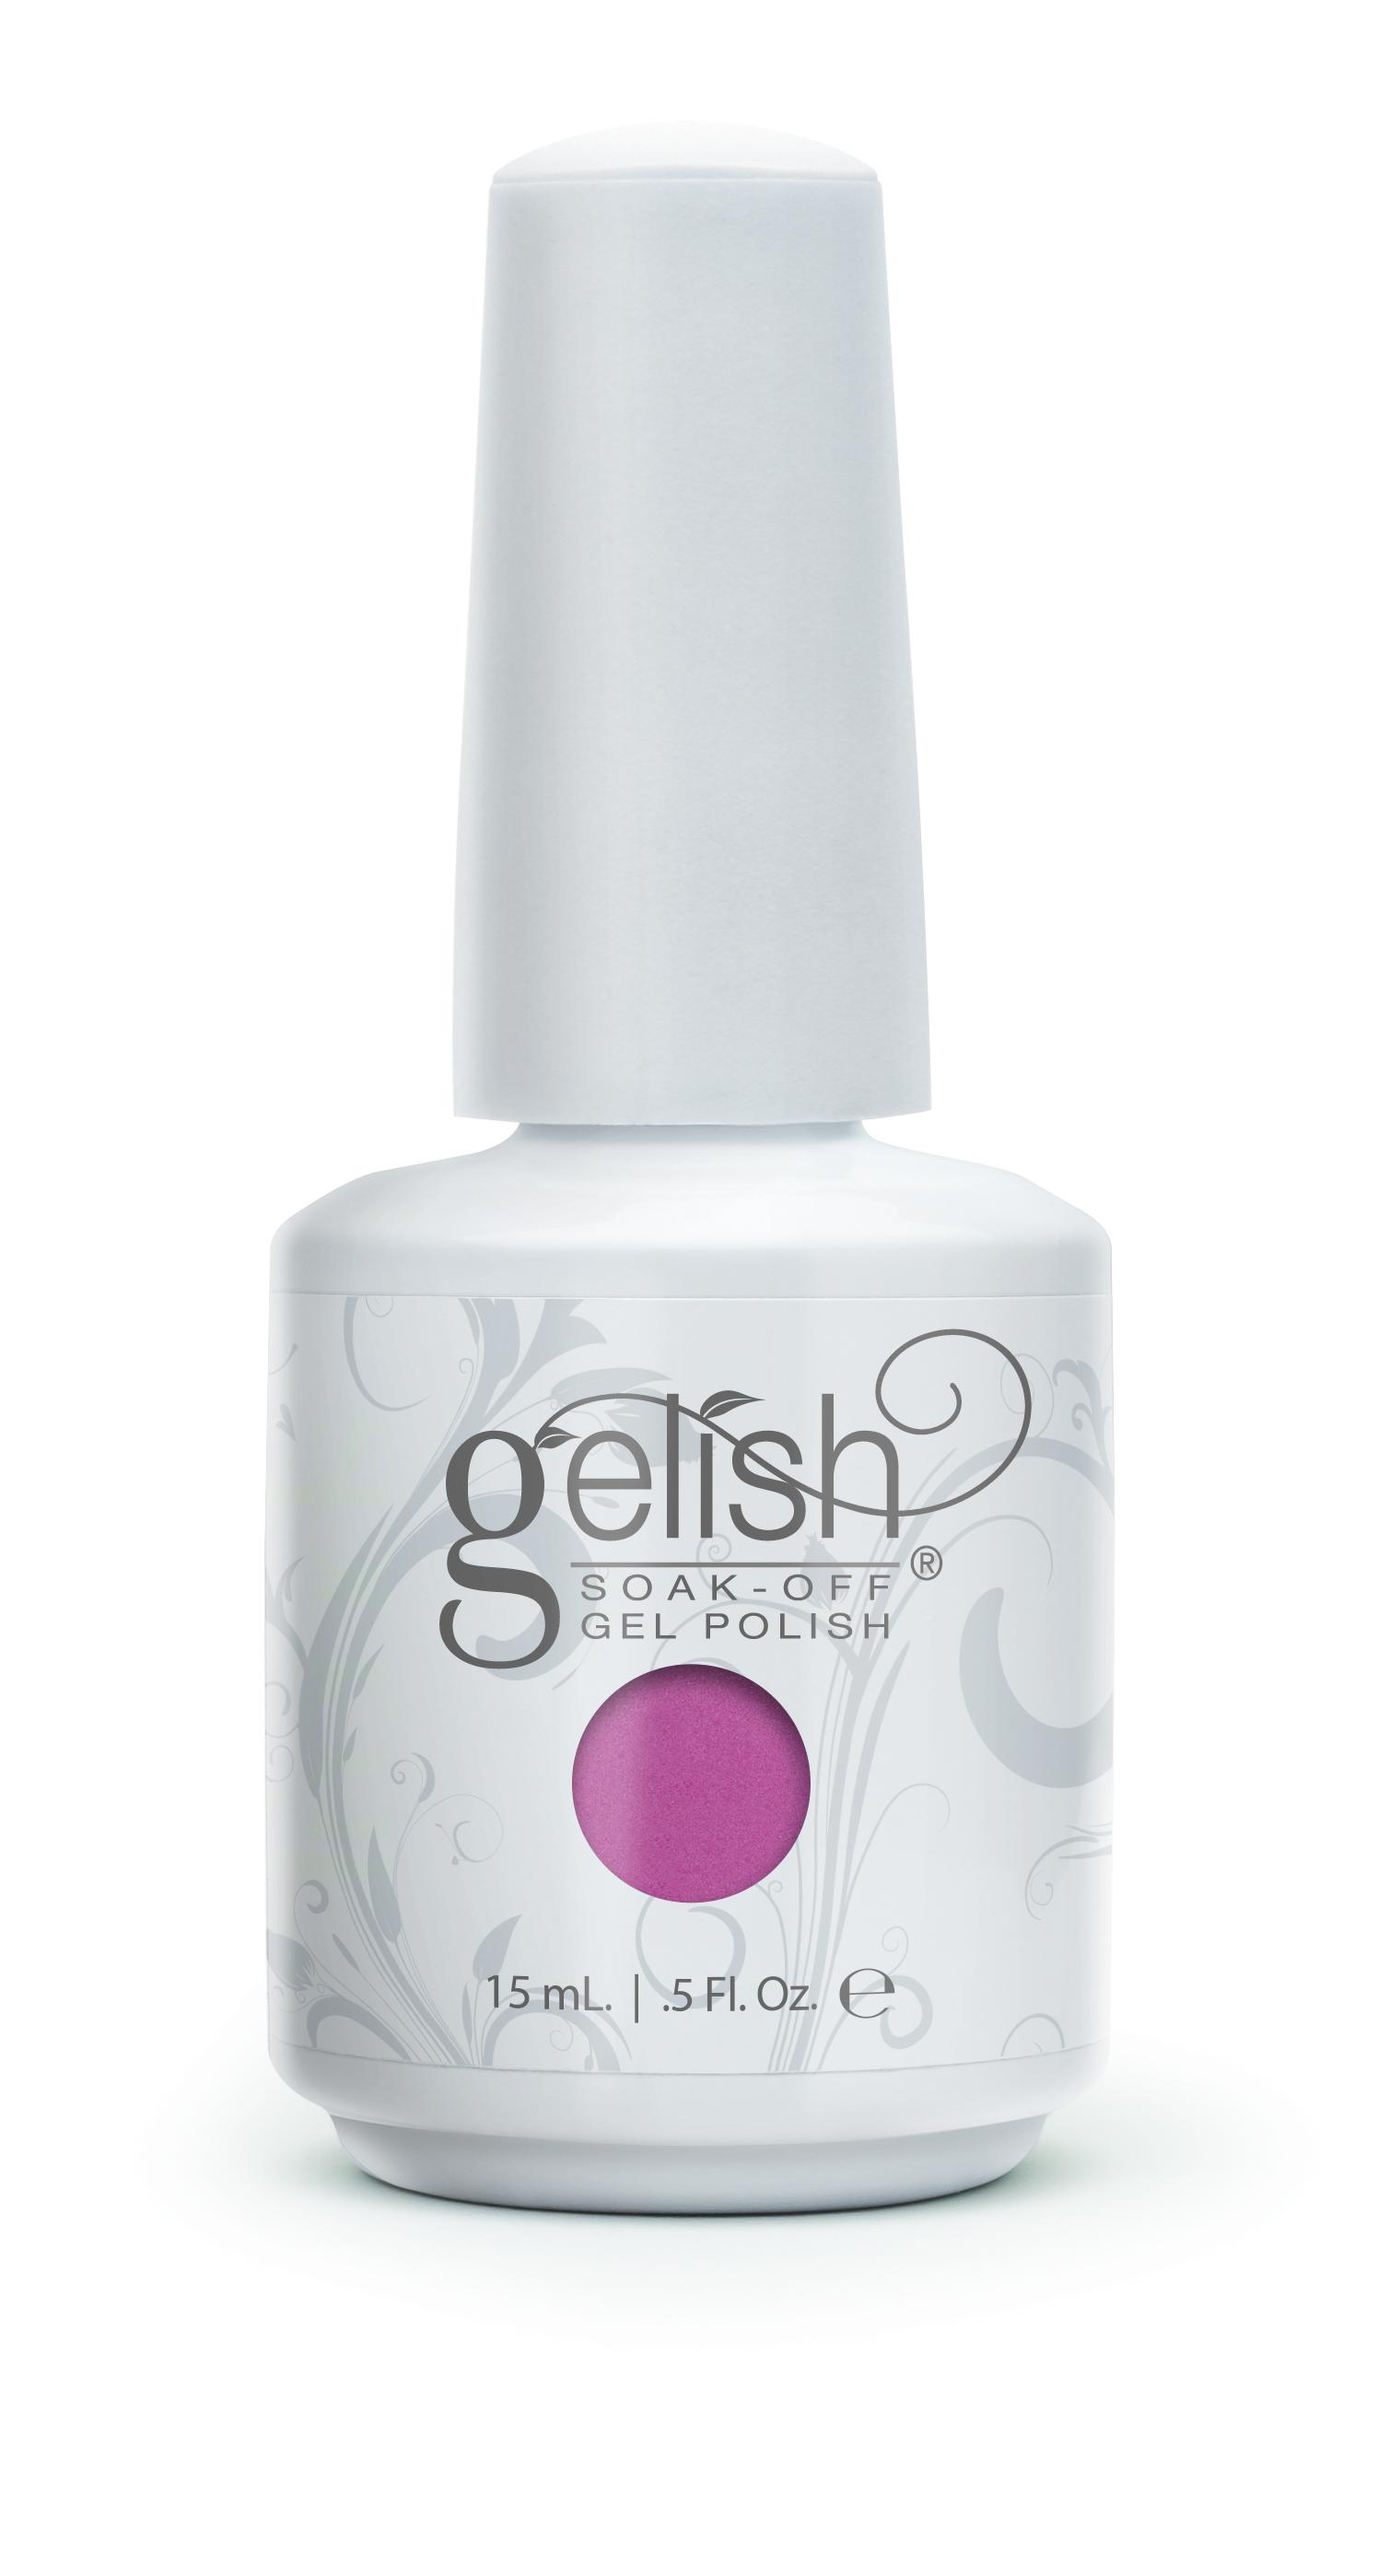 GELISH Гель-лак Texas Me Later / GELISH 15млГель-лаки<br>Гель-лак Gelish наносится на ноготь как лак, с помощью кисточки под колпачком. Процедура нанесения схожа с&amp;nbsp;нанесением обычного цветного покрытия. Все гель-лаки Harmony Gelish выполняют функцию еще и укрепляющего геля, делая ногти более прочными и длинными. Ногти клиента находятся под защитой гель-лака, они не ломаются и не расслаиваются. Гель-лаки Gelish после сушки в LED или УФ лампах держатся на натуральных ногтях рук до 3 недель, а на ногтях ног до 5 недель. Способ применения: Подготовительный этап. Для начала нужно сделать маникюр. В зависимости от ваших предпочтений это может быть европейский, классический обрезной, СПА или аппаратный маникюр. Главное, сдвинуть кутикулу с ногтевого ложа и удалить ороговевшие участки кожи вокруг ногтей. Особенностью этой системы является то, что перед нанесением базового слоя необходимо обработать ноготь шлифовочным бафом Harmony Buffer 100/180 грит, для того, чтобы снять глянец. Это поможет улучшить сцепку покрытия с ногтем. Пыль, которая осталась после опила, излишки жира и влаги удаляются с помощью обезжиривателя Бондер / GELISH pH Bond 15&amp;nbsp;мл или любого другого дегитратора. Нанесение искусственного покрытия Harmony.&amp;nbsp; После того, как подготовительные процедуры завершены, можно приступать непосредственно к нанесению искусственного покрытия Harmony Gelish. Как и все гелевые лаки, продукцию этого бренда необходимо полимеризовать в лампе. Гель-лаки Gelish сохнут (полимеризуются) под LED или УФ лампой. Время полимеризации: В LED лампе 18G/6G = 30 секунд В LED лампе Gelish Mini Pro = 45 секунд В УФ лампах 36 Вт = 120 секунд В УФ лампе Harmony Mini Portable UV Light = 180 секунд ПРИМЕЧАНИЕ: подвергать полимеризации необходимо каждый слой гель-лакового покрытия! 1)Первым наносится тонкий слой базового покрытия Gelish Foundation Soak Off Base Gel 15 мл. 2)Следующий шаг   нанесение цветного гель-лака Harmony Gelish.&amp;nbsp; 3)Заключительный этап Нанесе